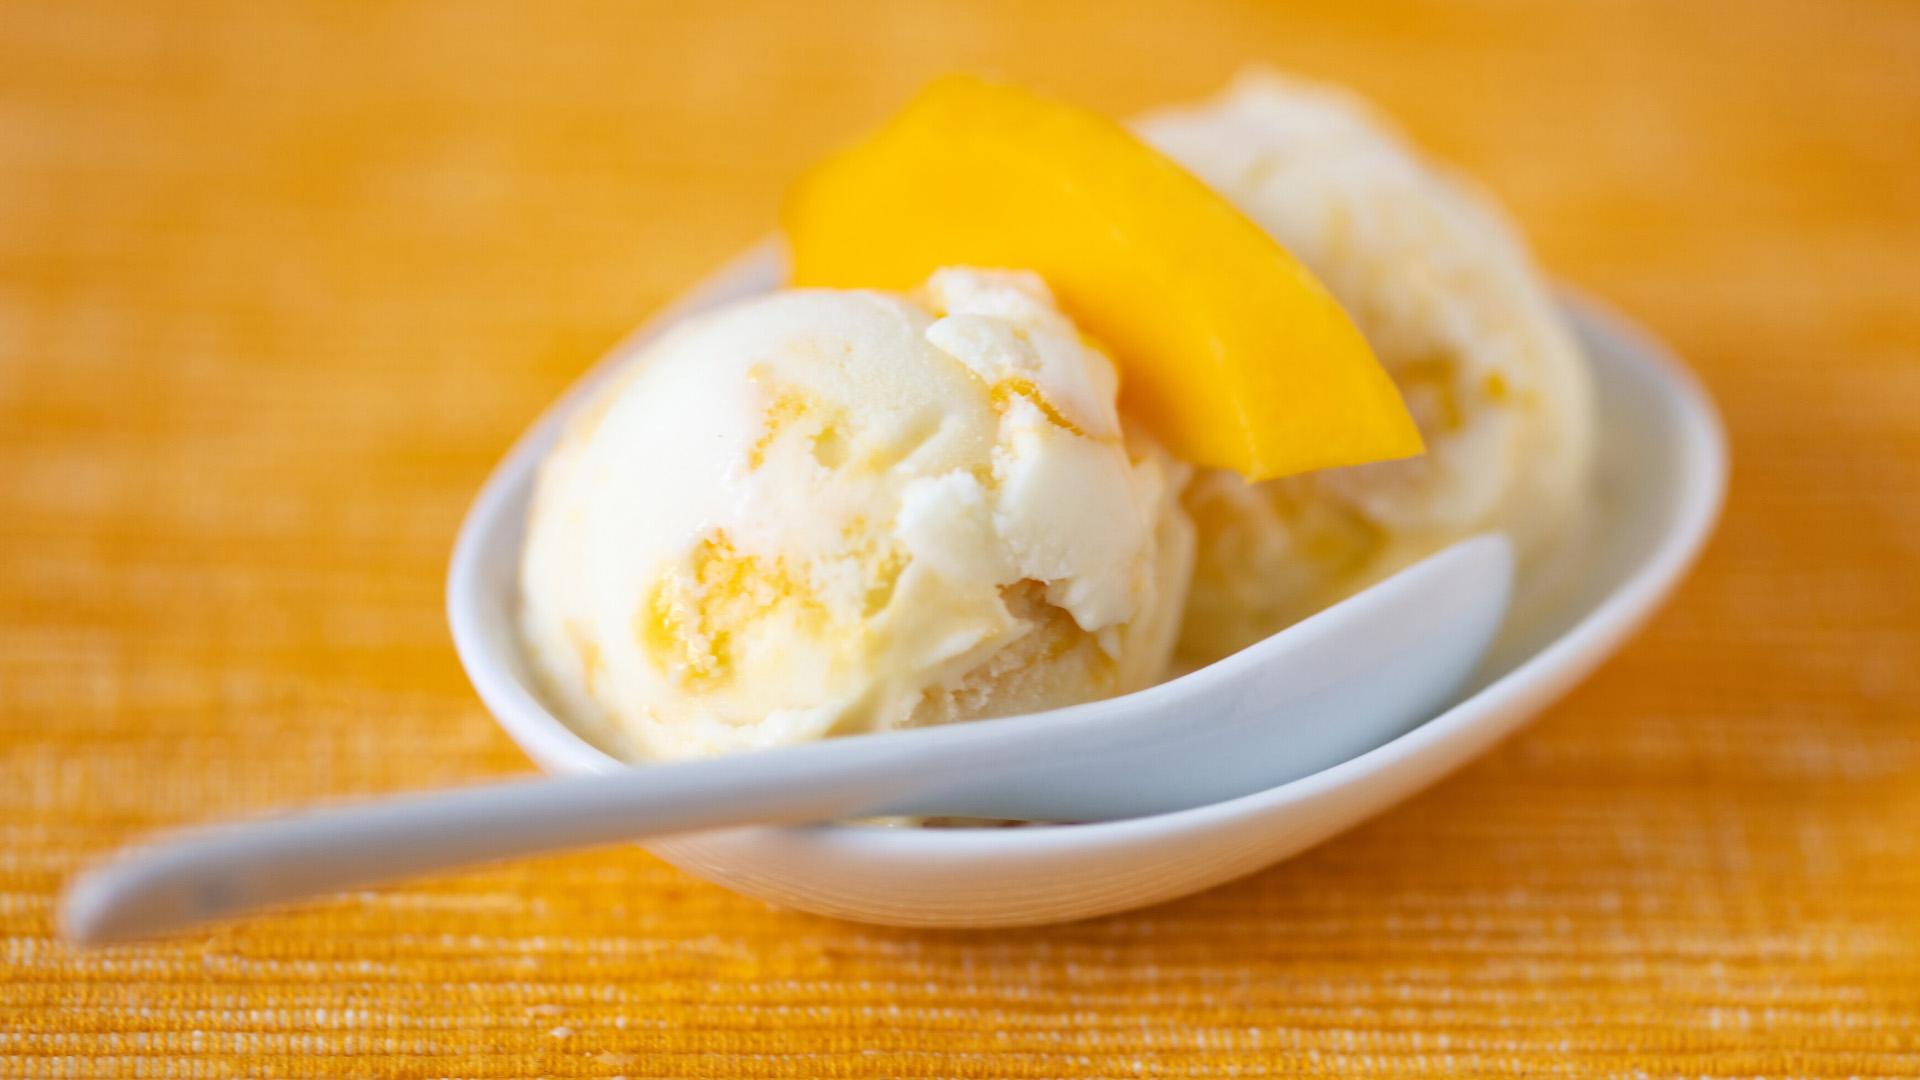 Image of Healthy Frozen Yogurt